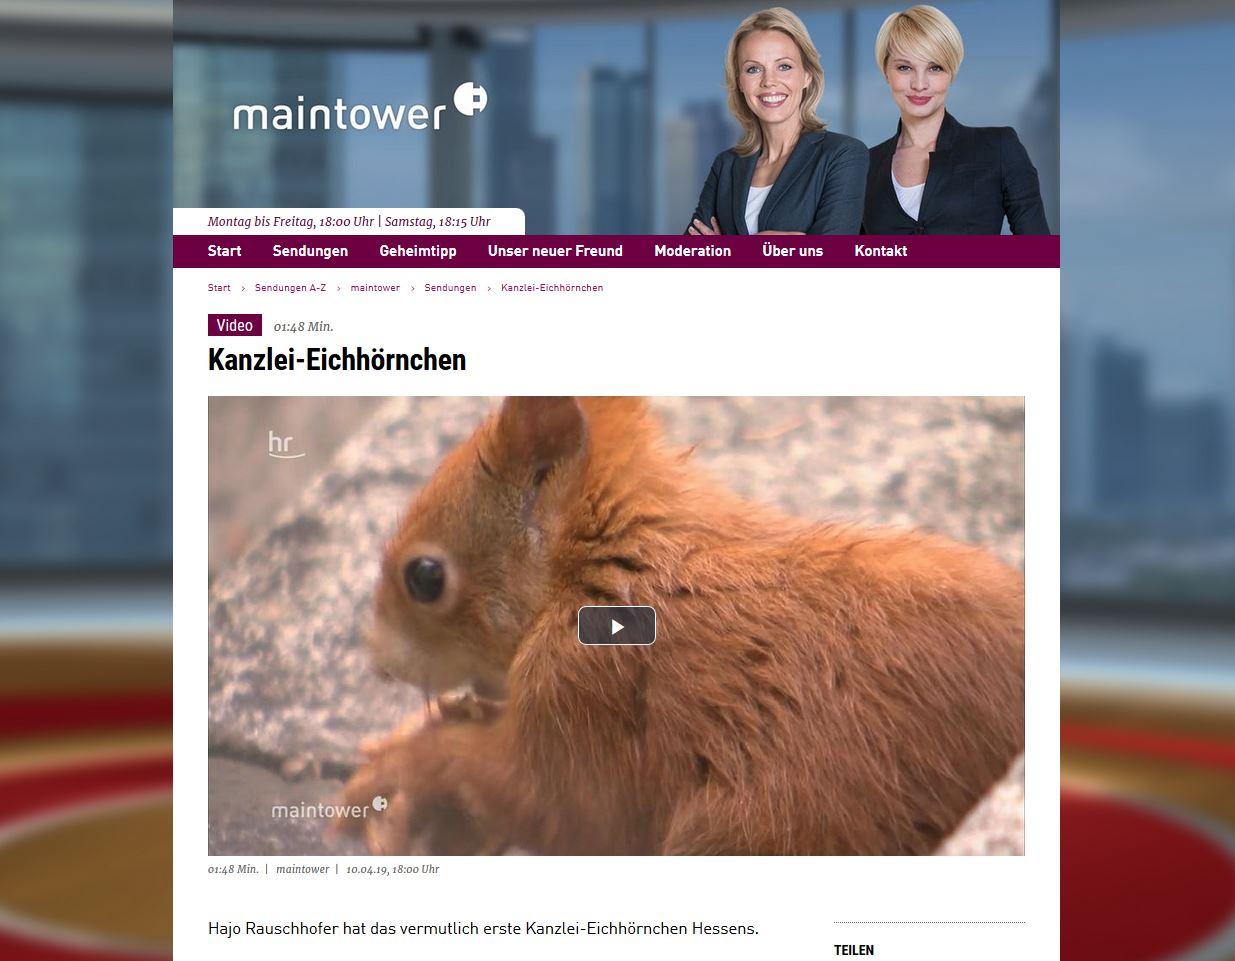 Kanzlei-Eichhörnchen im Fernsehen / Das Netz sucht einen Namen